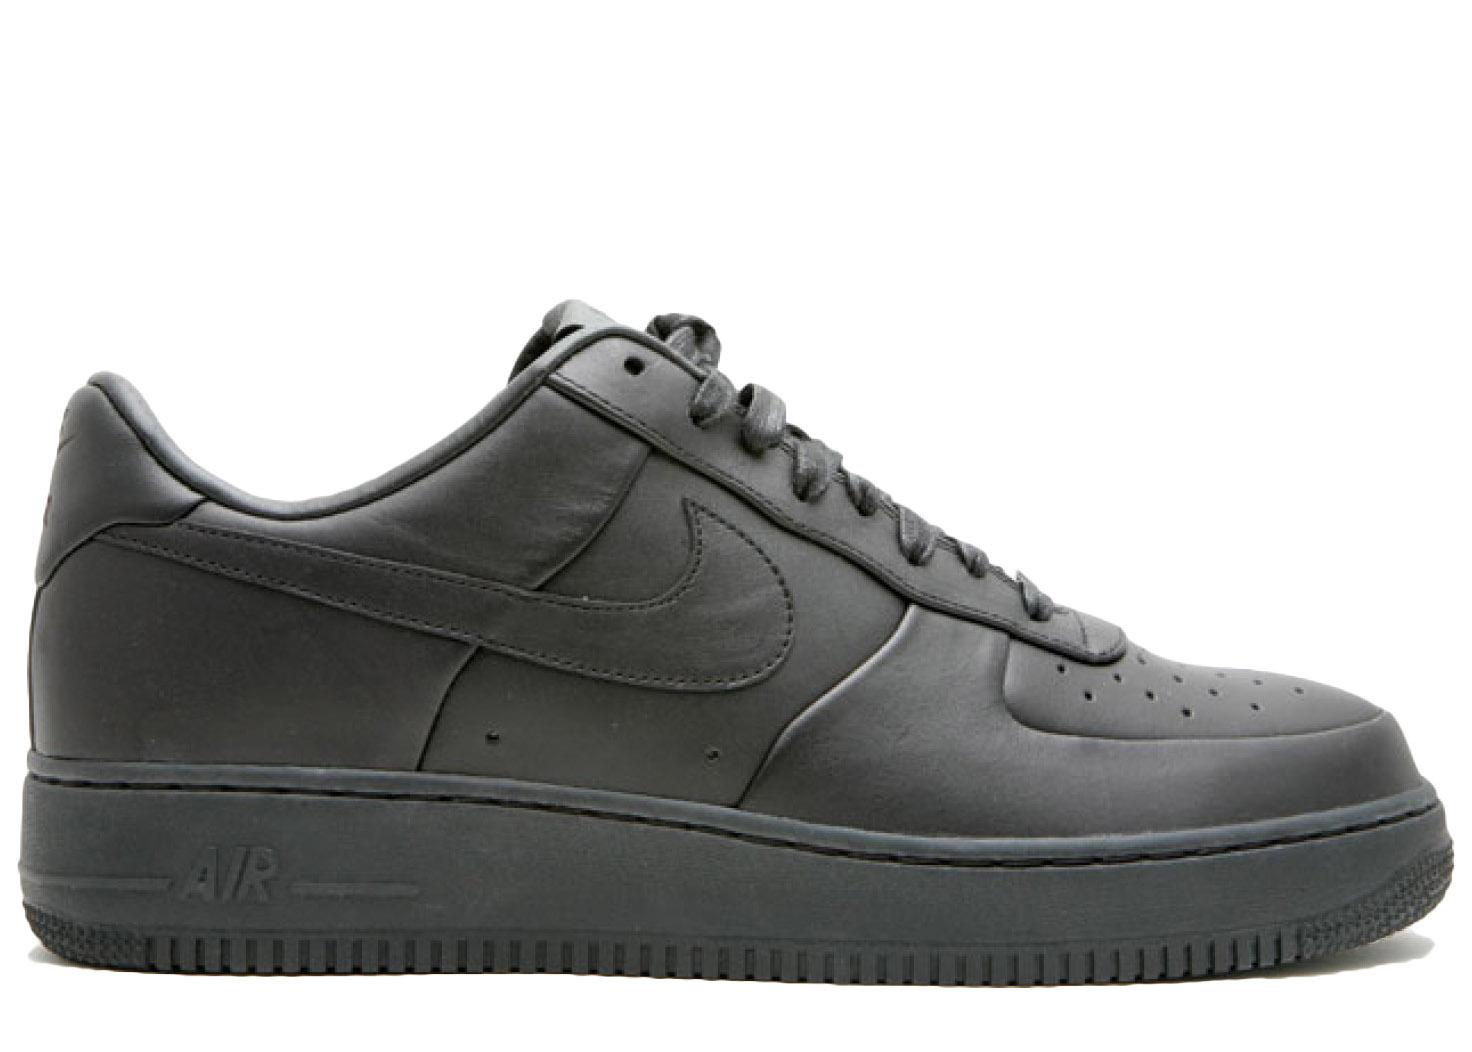 Nike Air Force 1 Supreme 07 Black